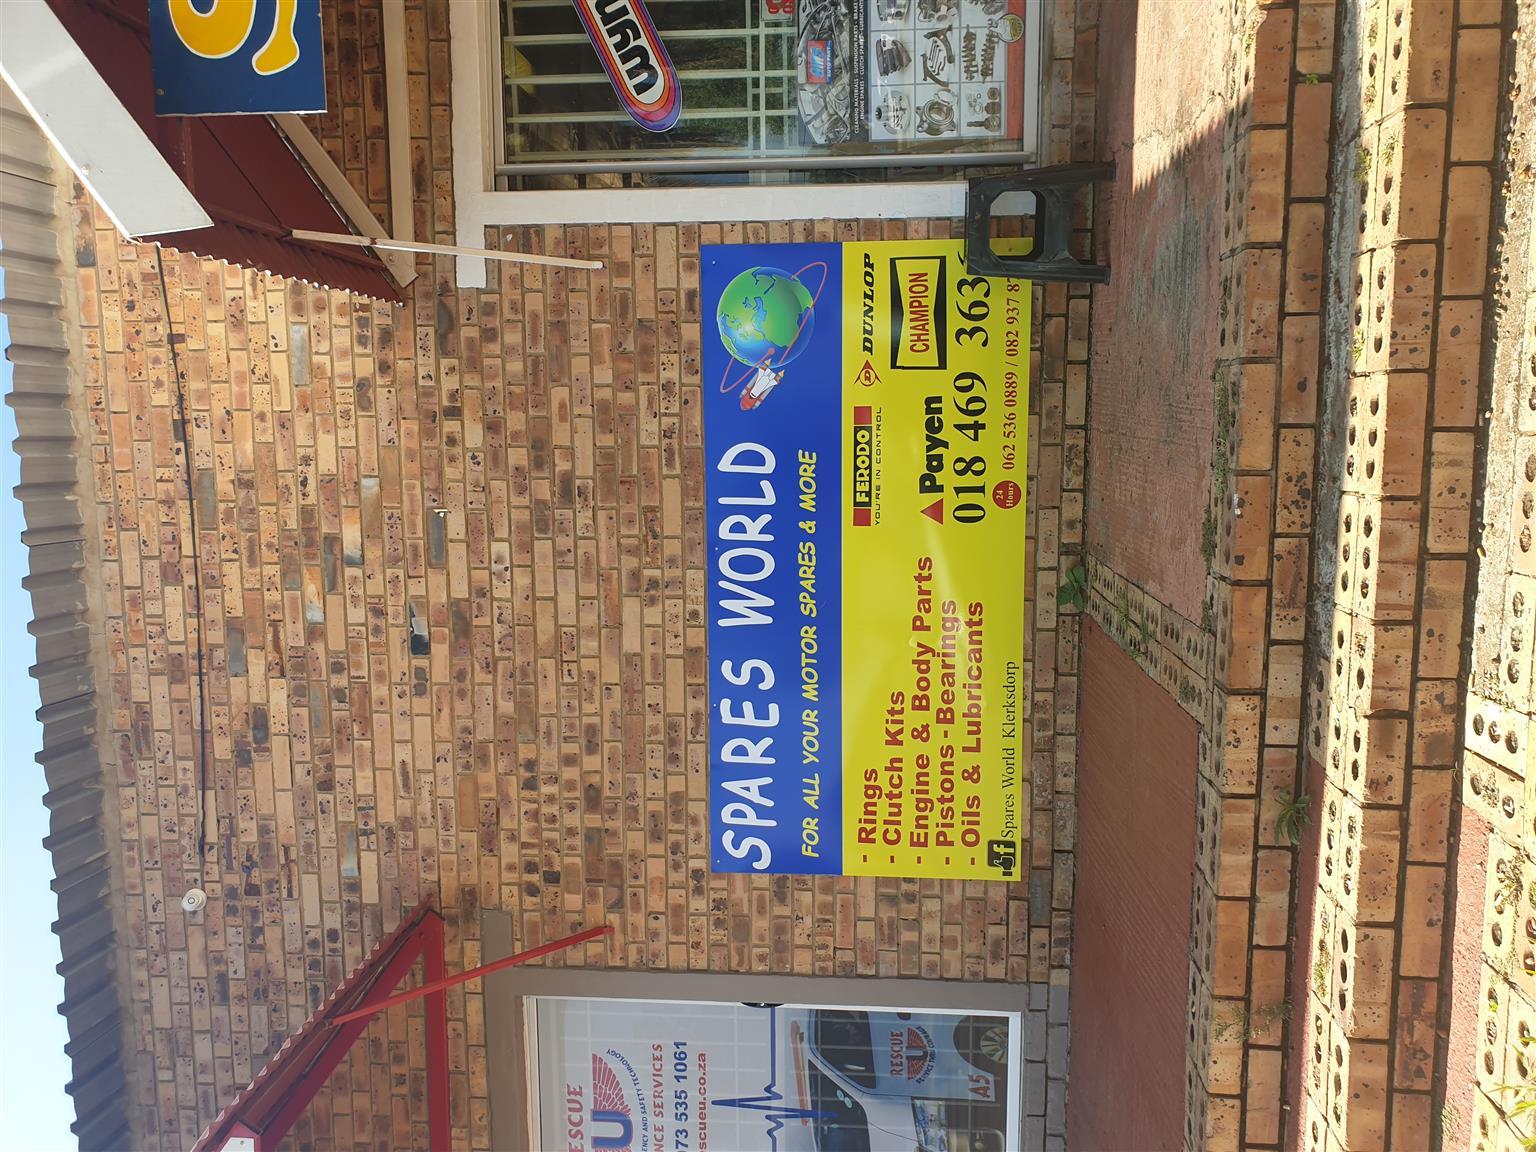 Spares shop for sale